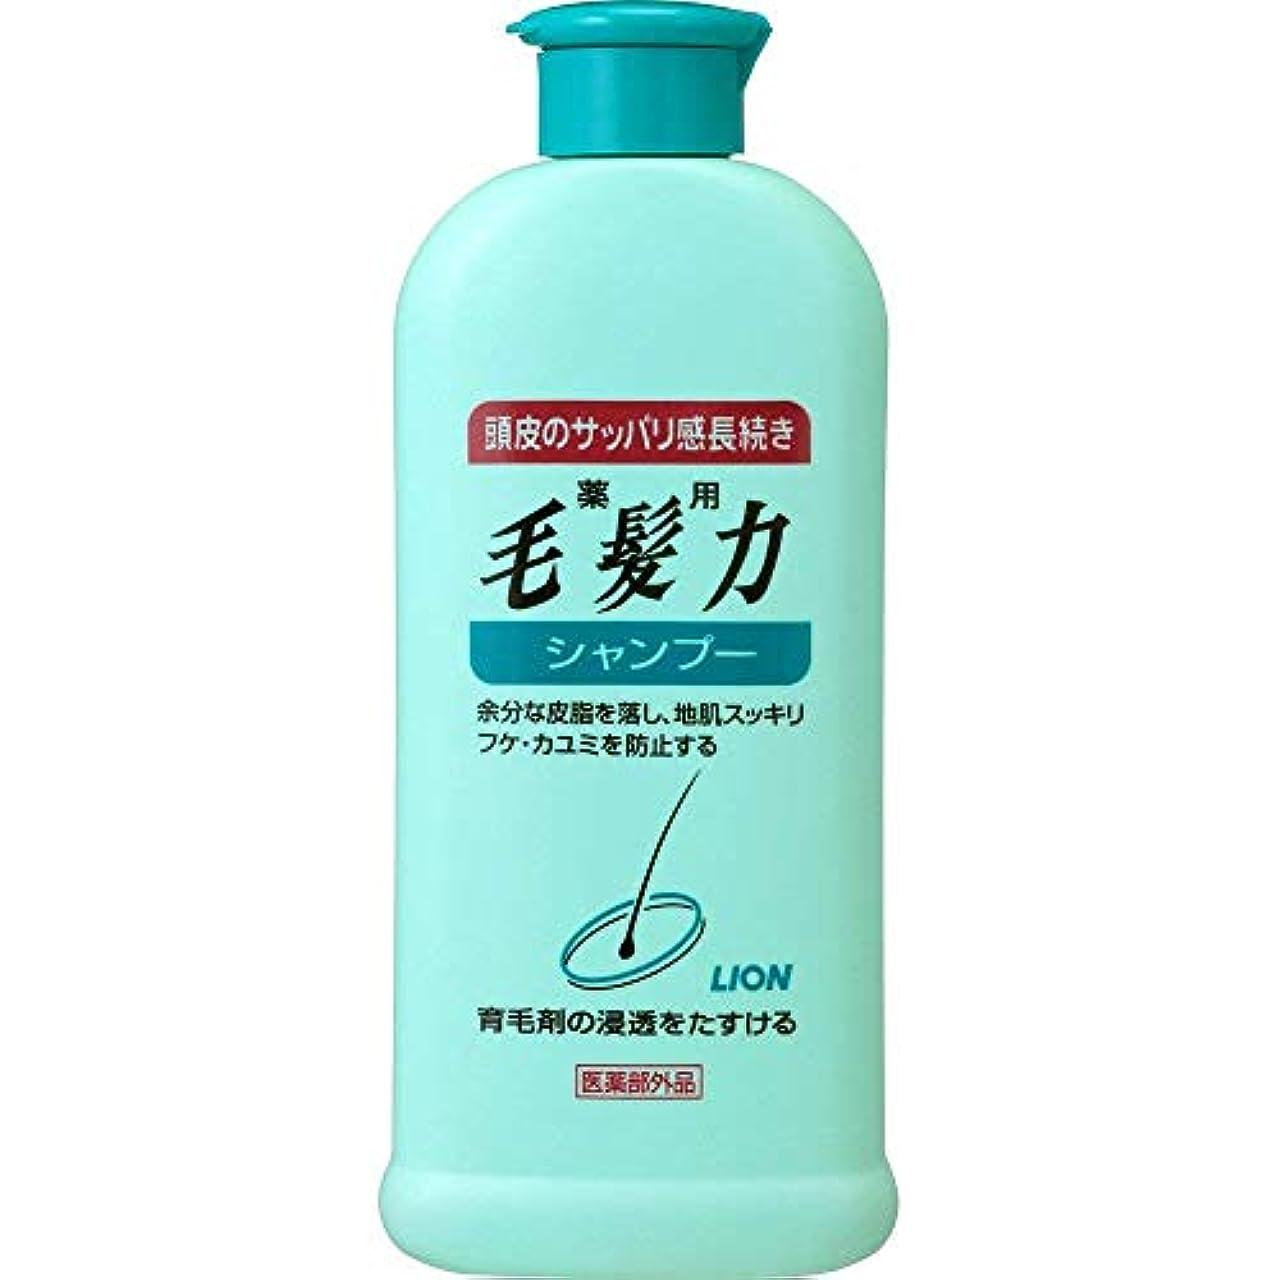 細断植物の子猫【まとめ買い】薬用毛髪力 シャンプー 200ml ×2セット